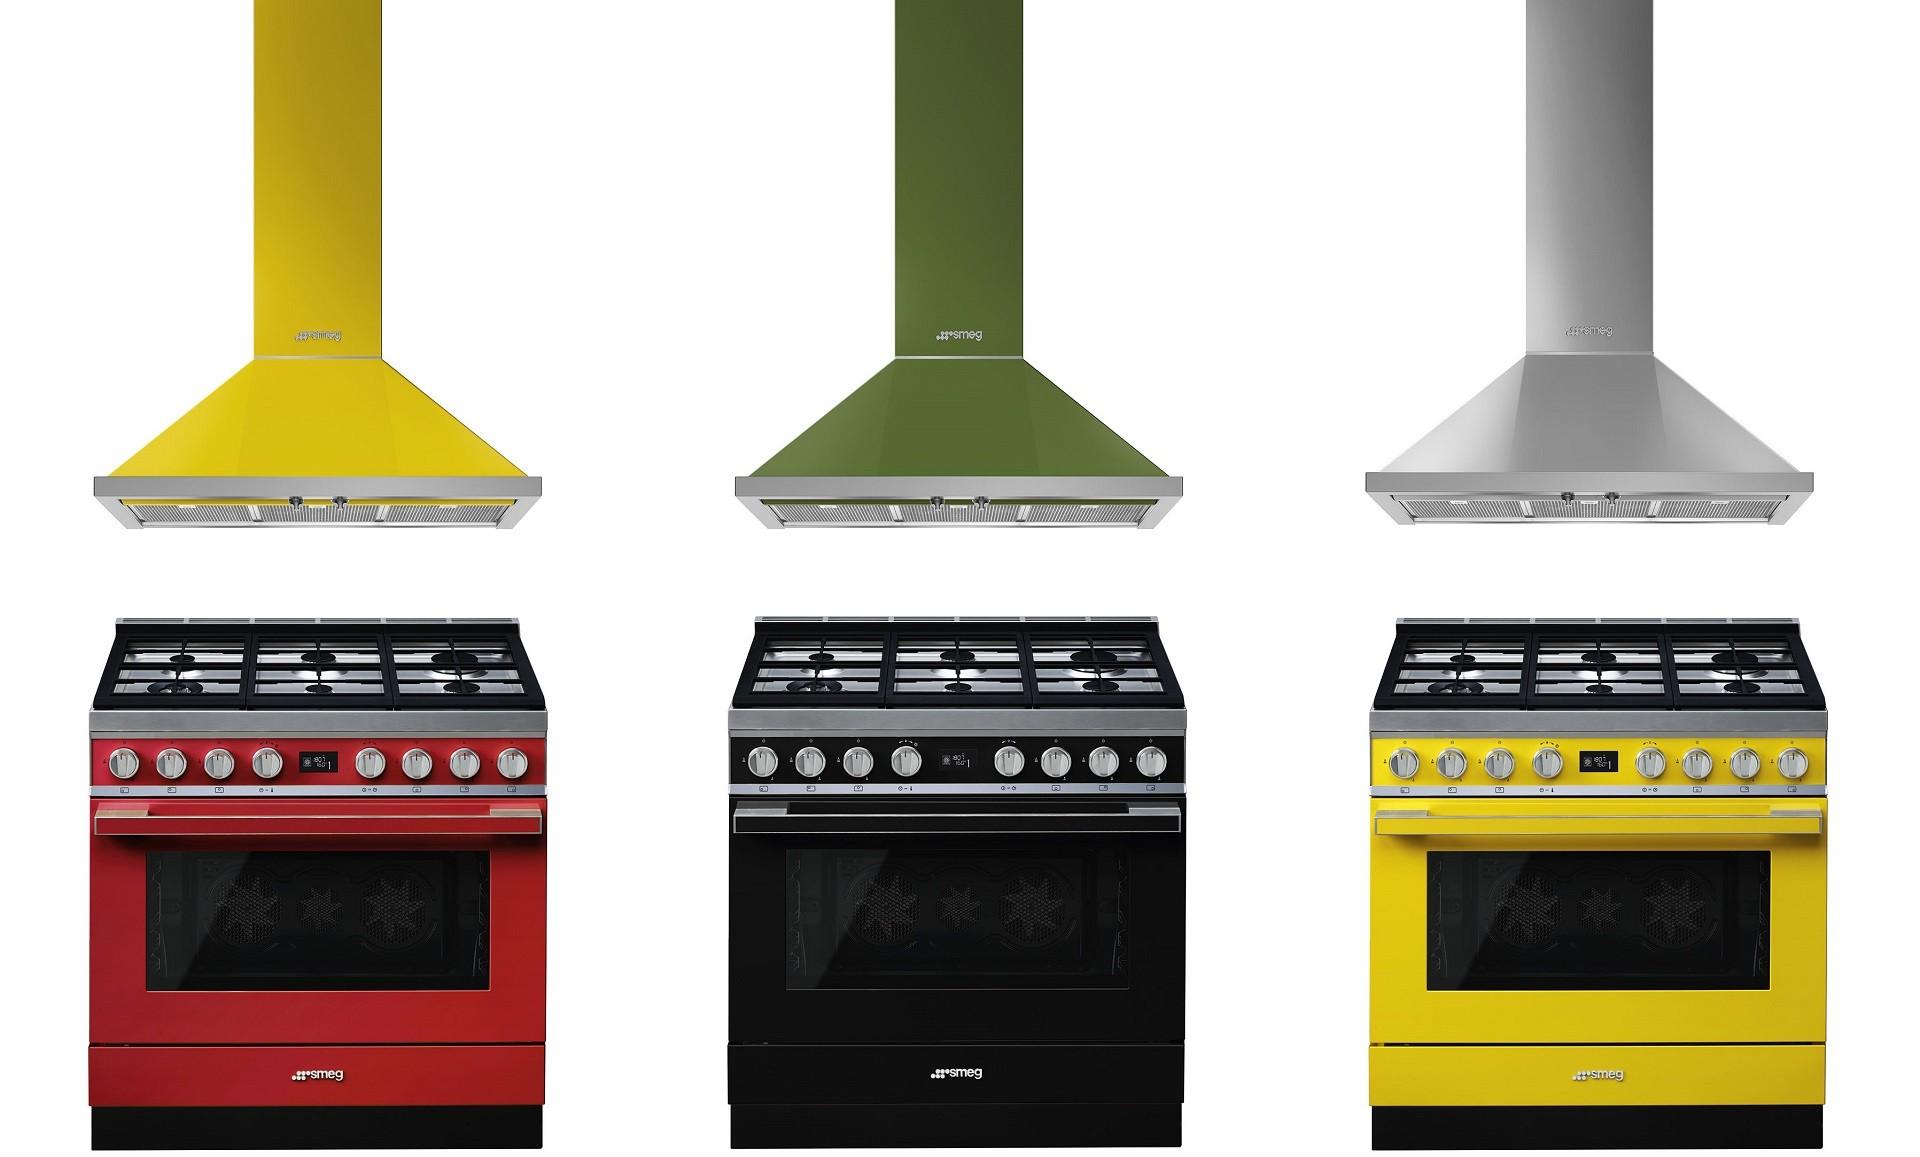 Cucine Componibili Smeg : Smeg cucine componibili cucina componibile lineare in